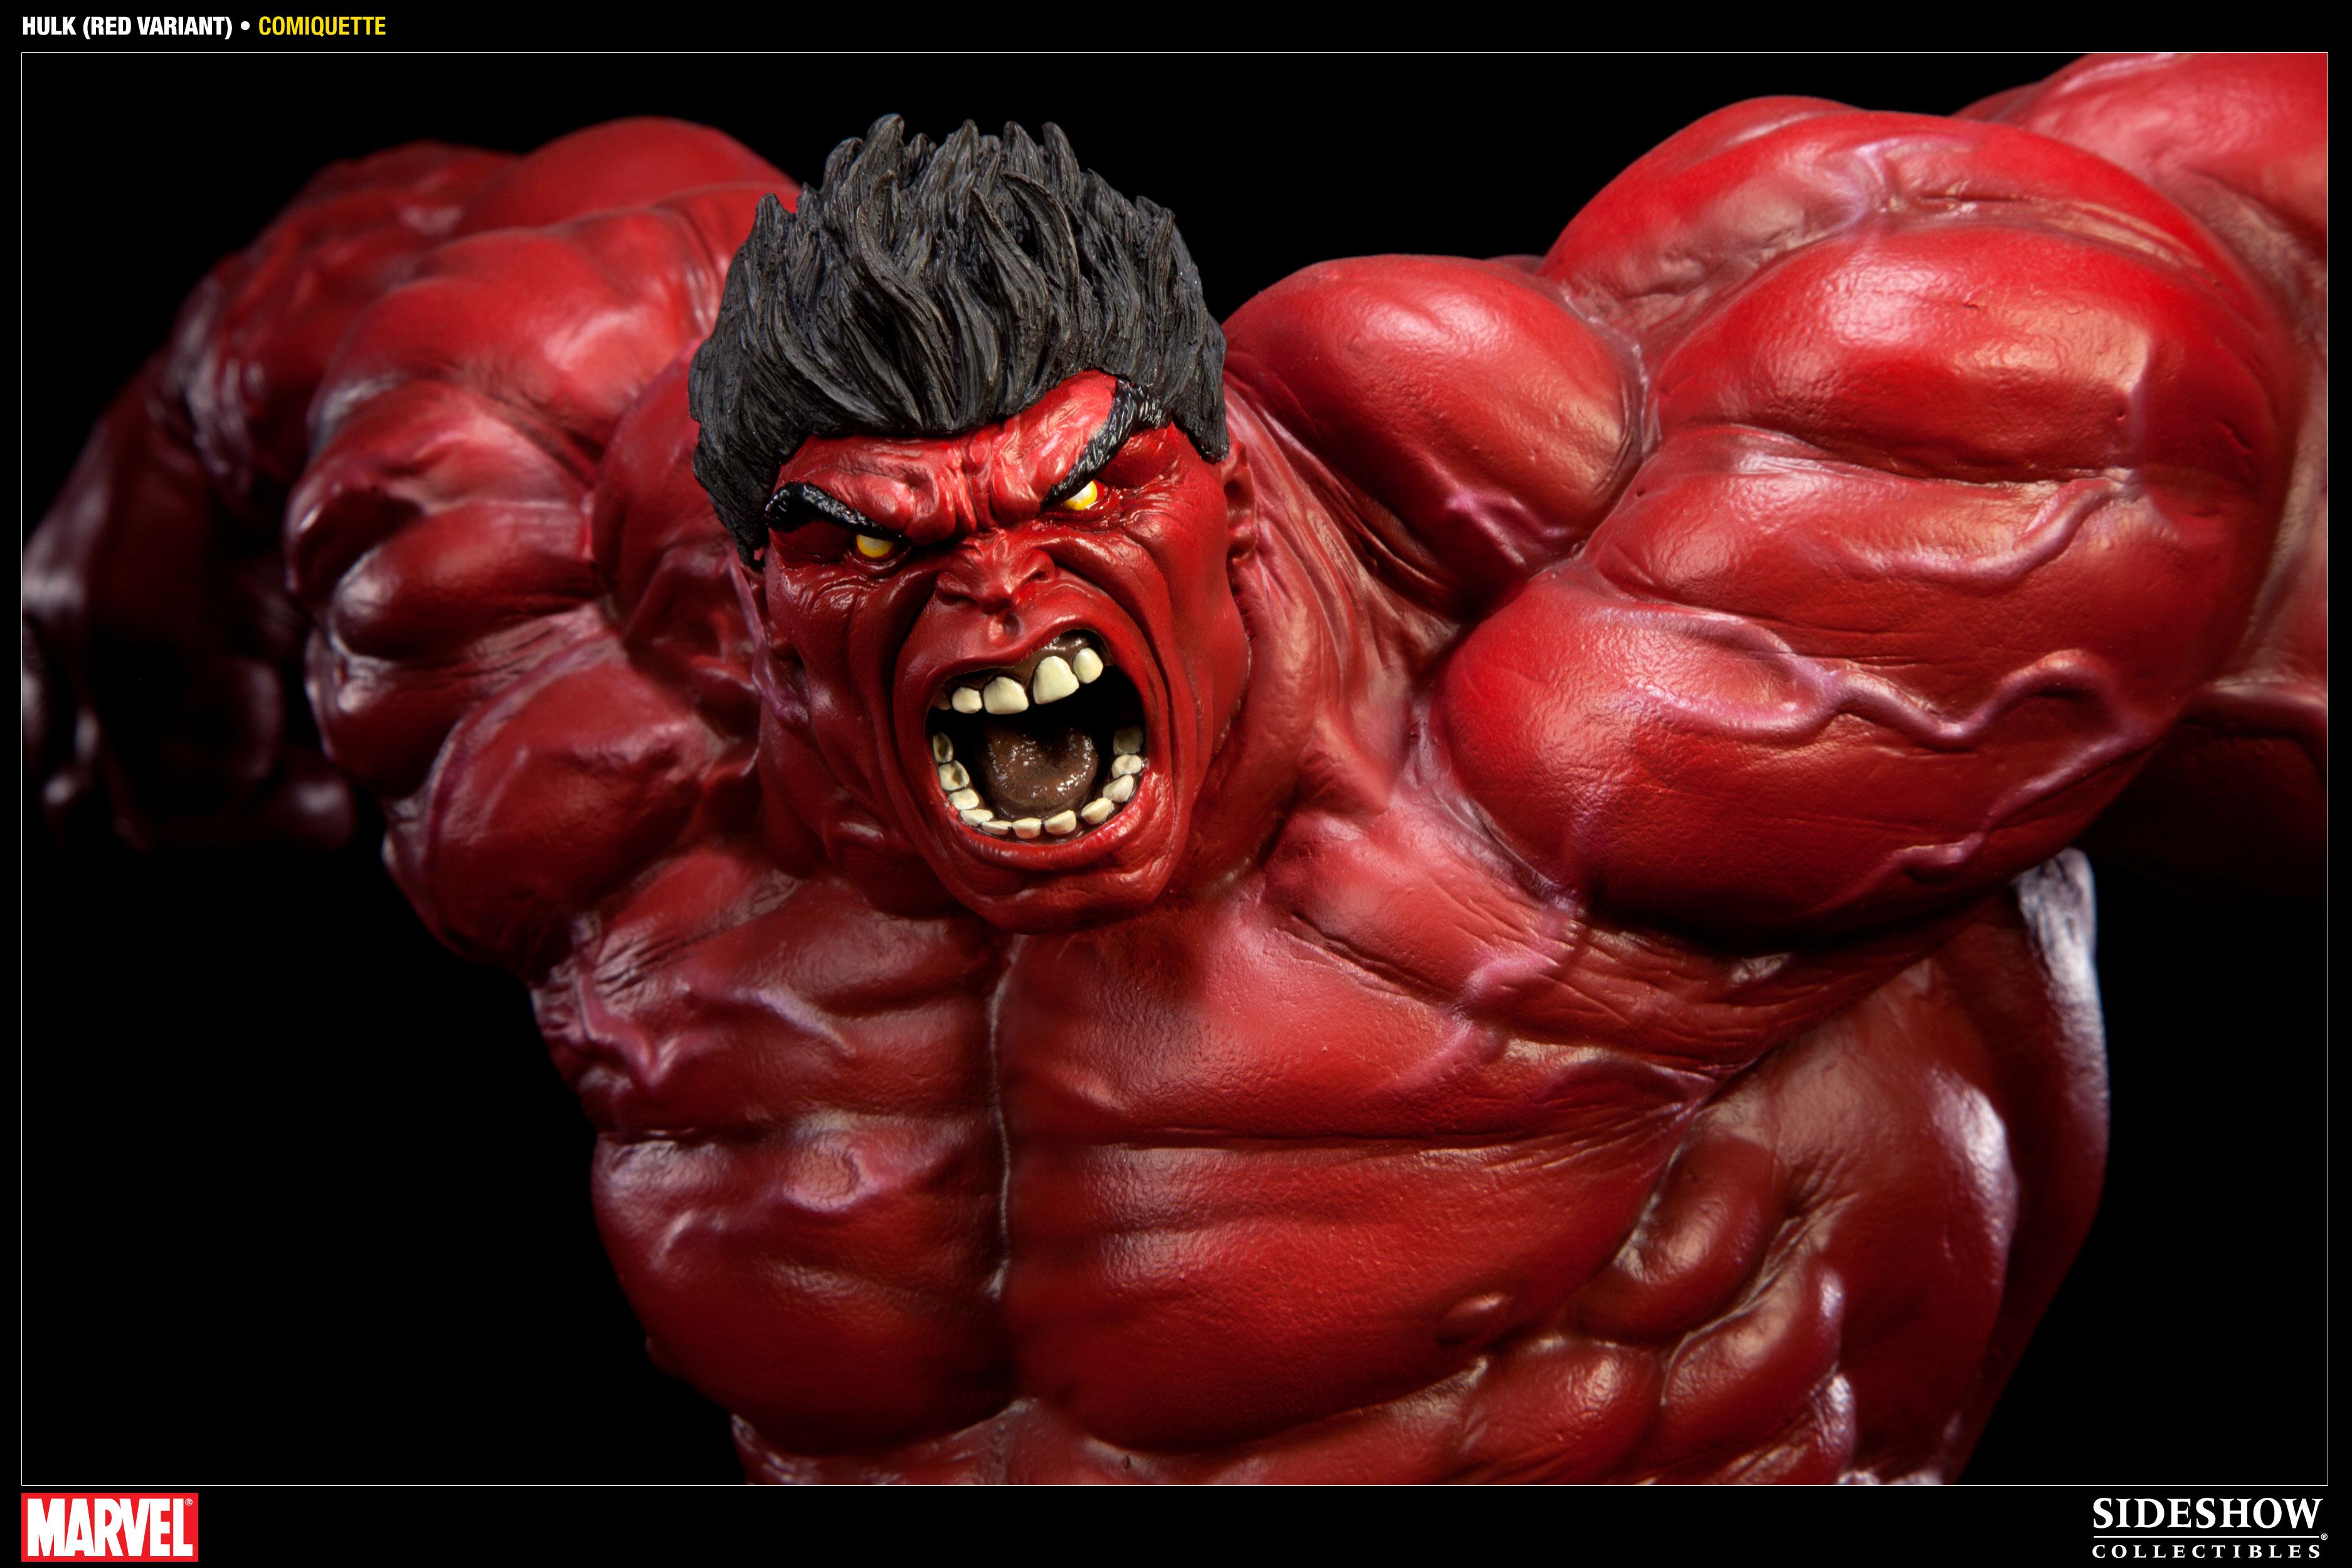 red hulk videos